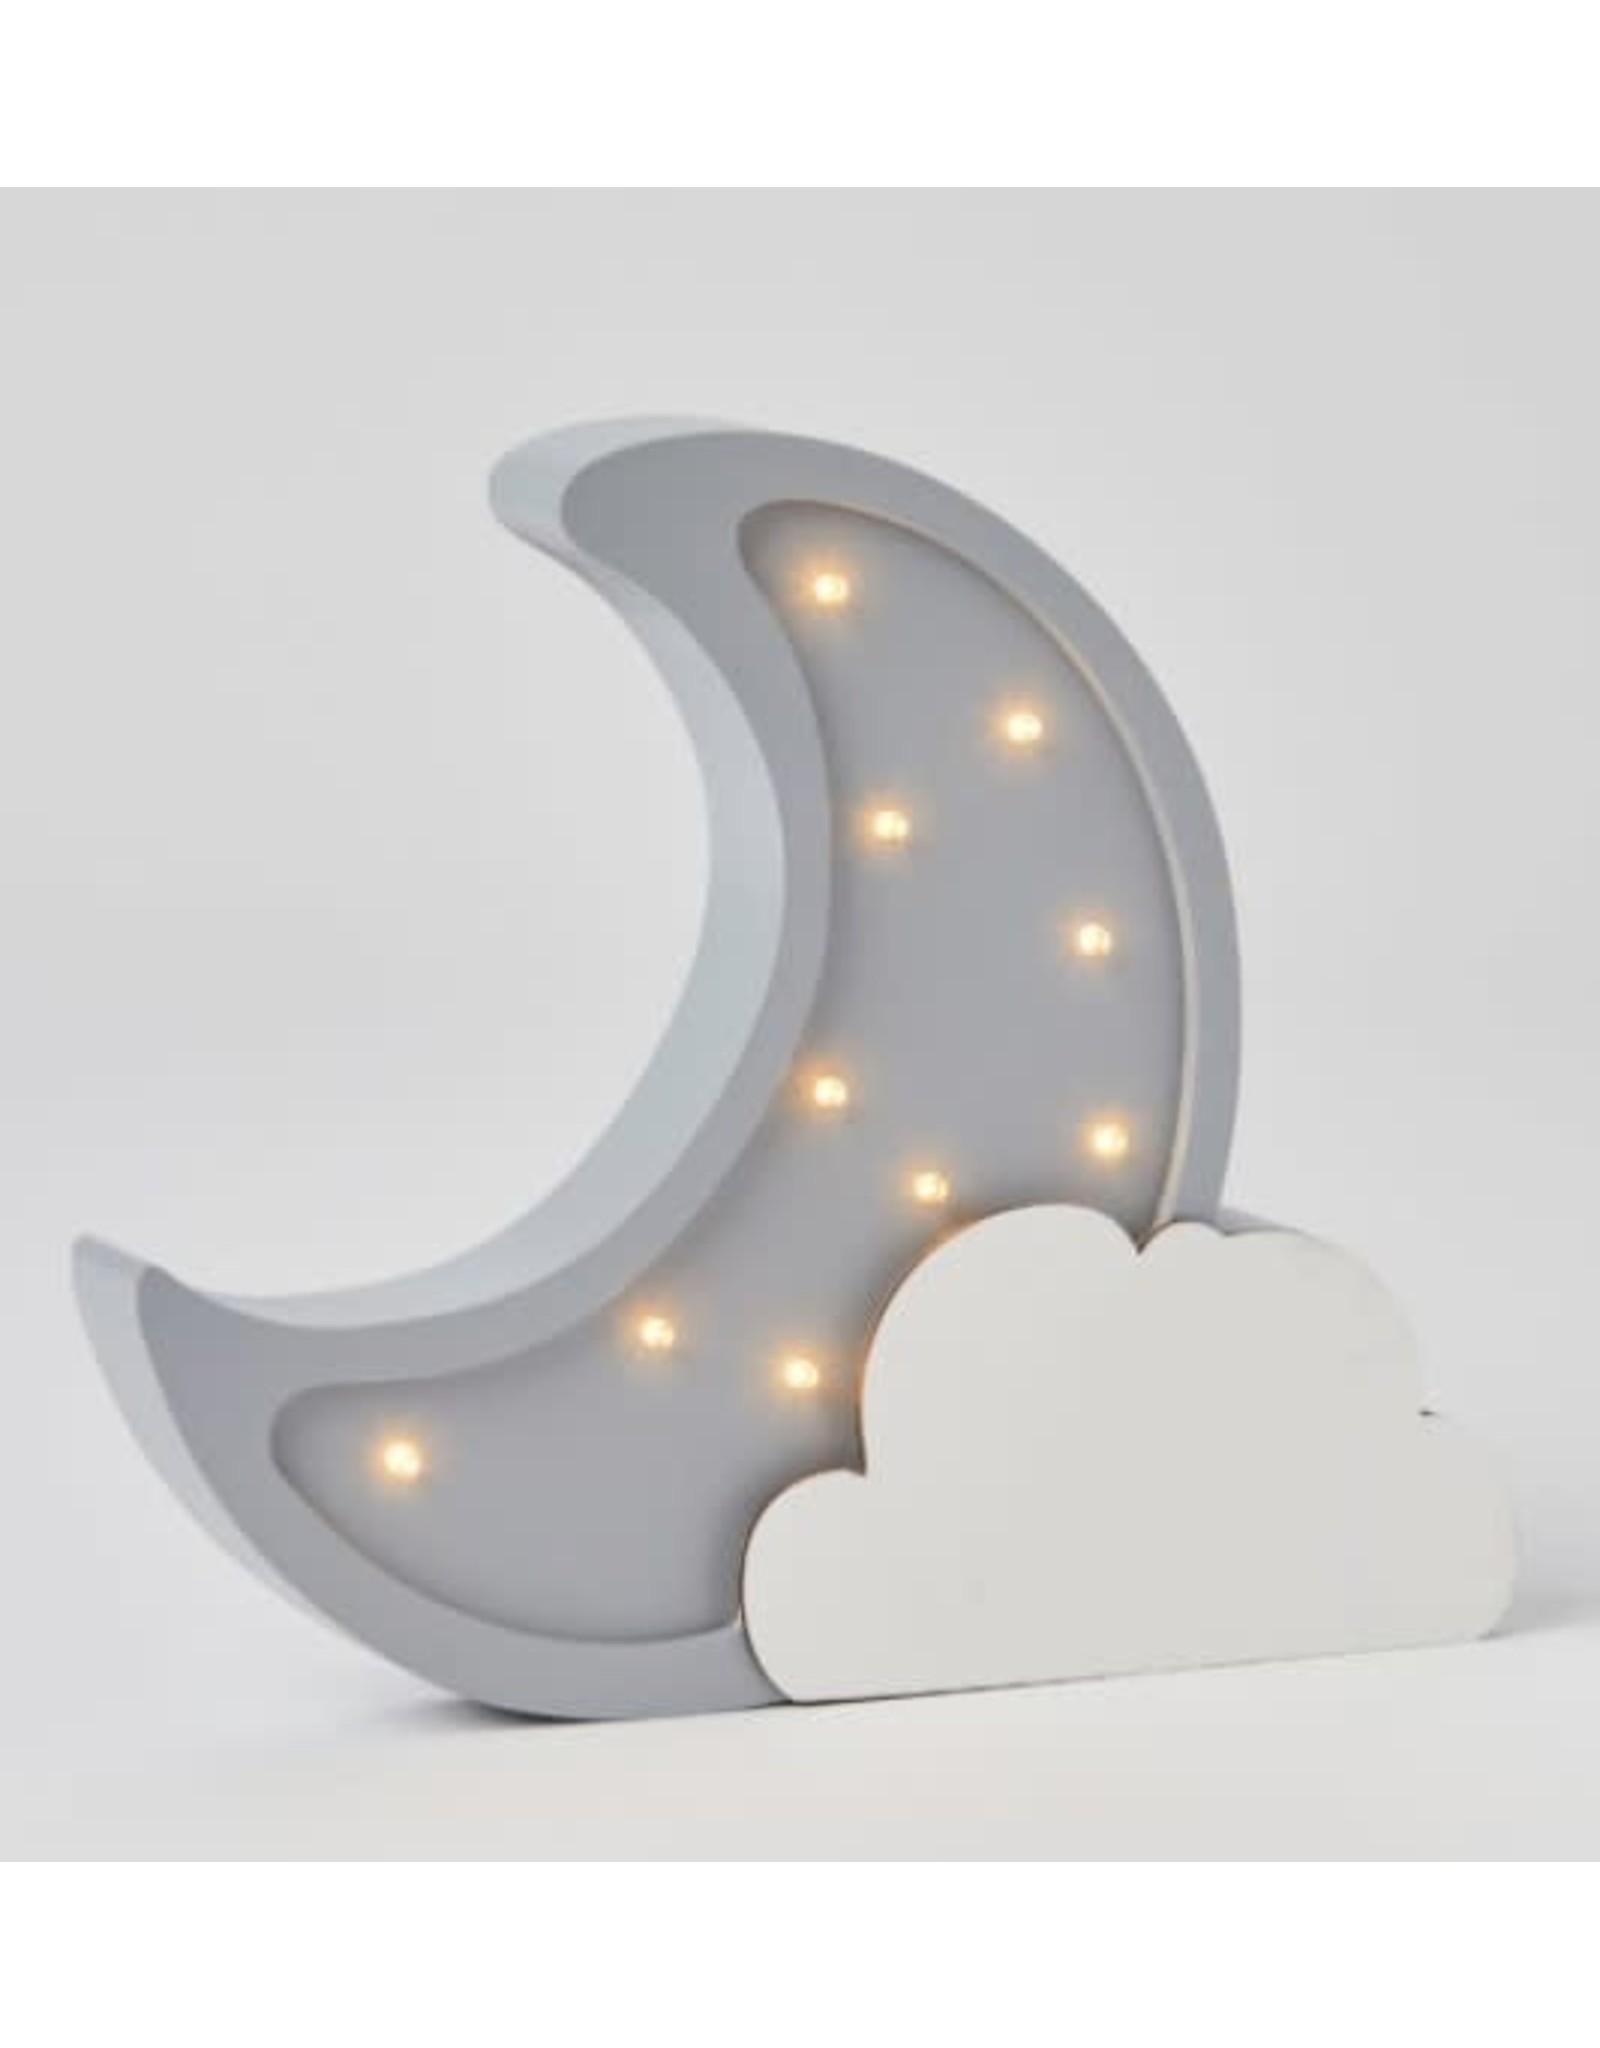 Pilbeam Living Wooden Light Moon